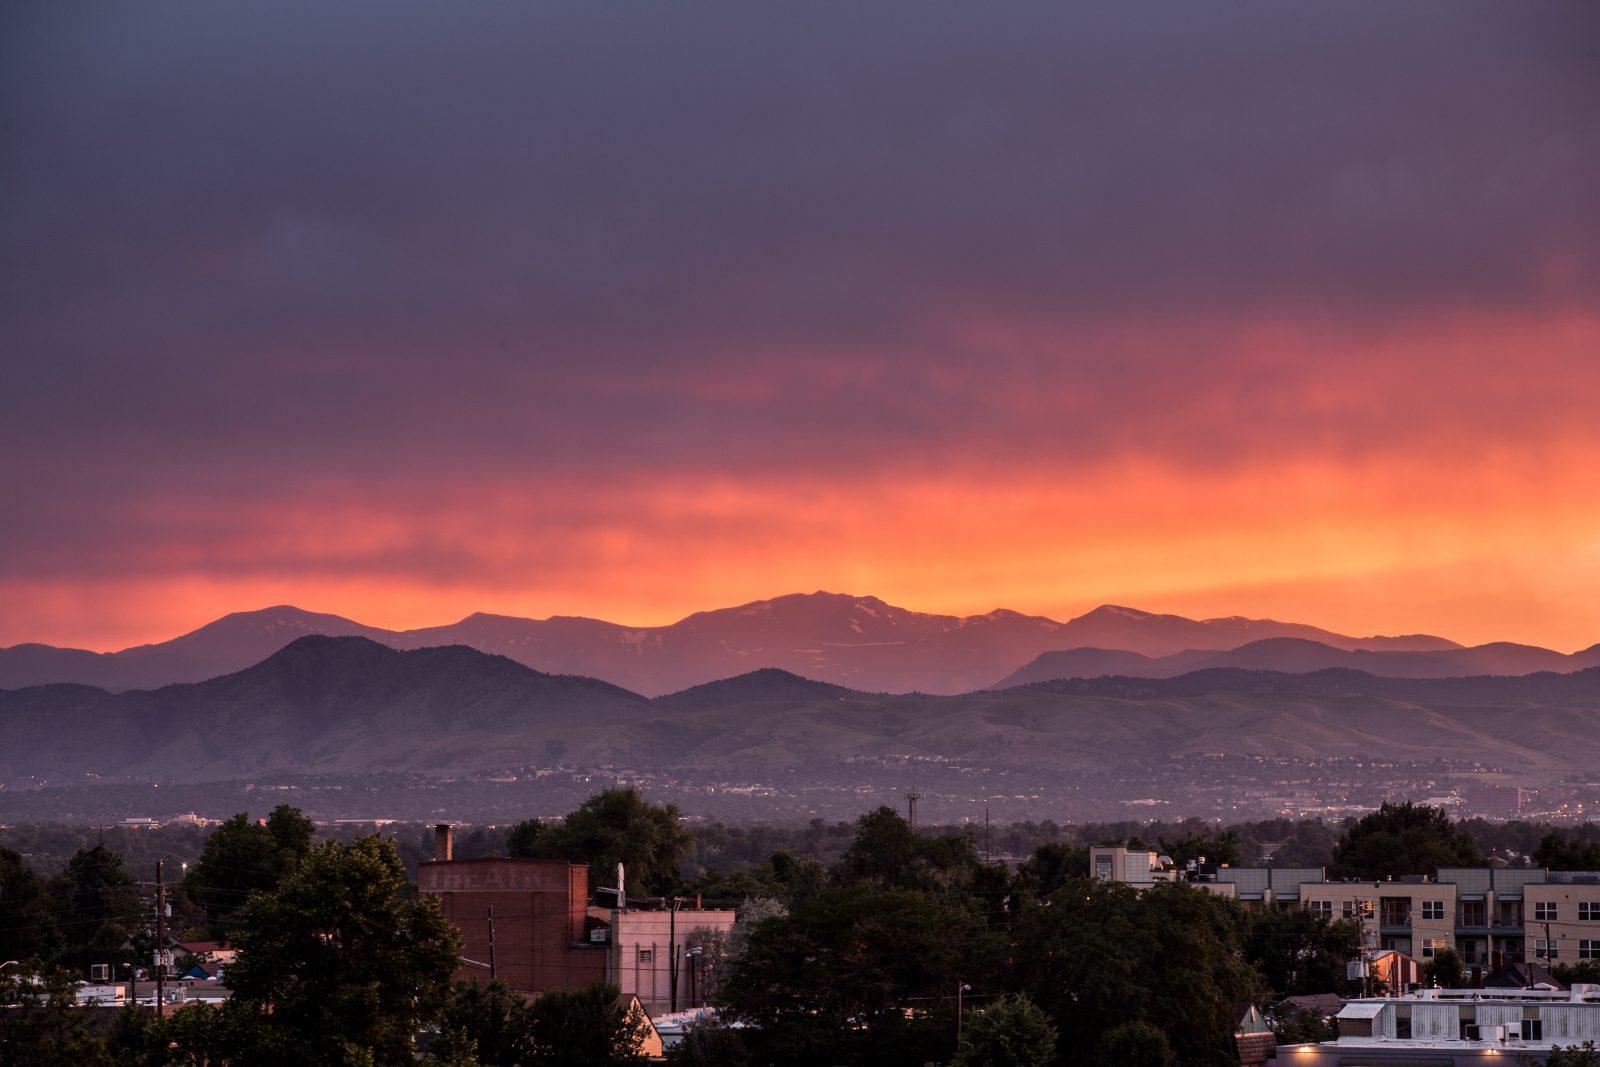 Mount Evans sunset - July 14, 2011